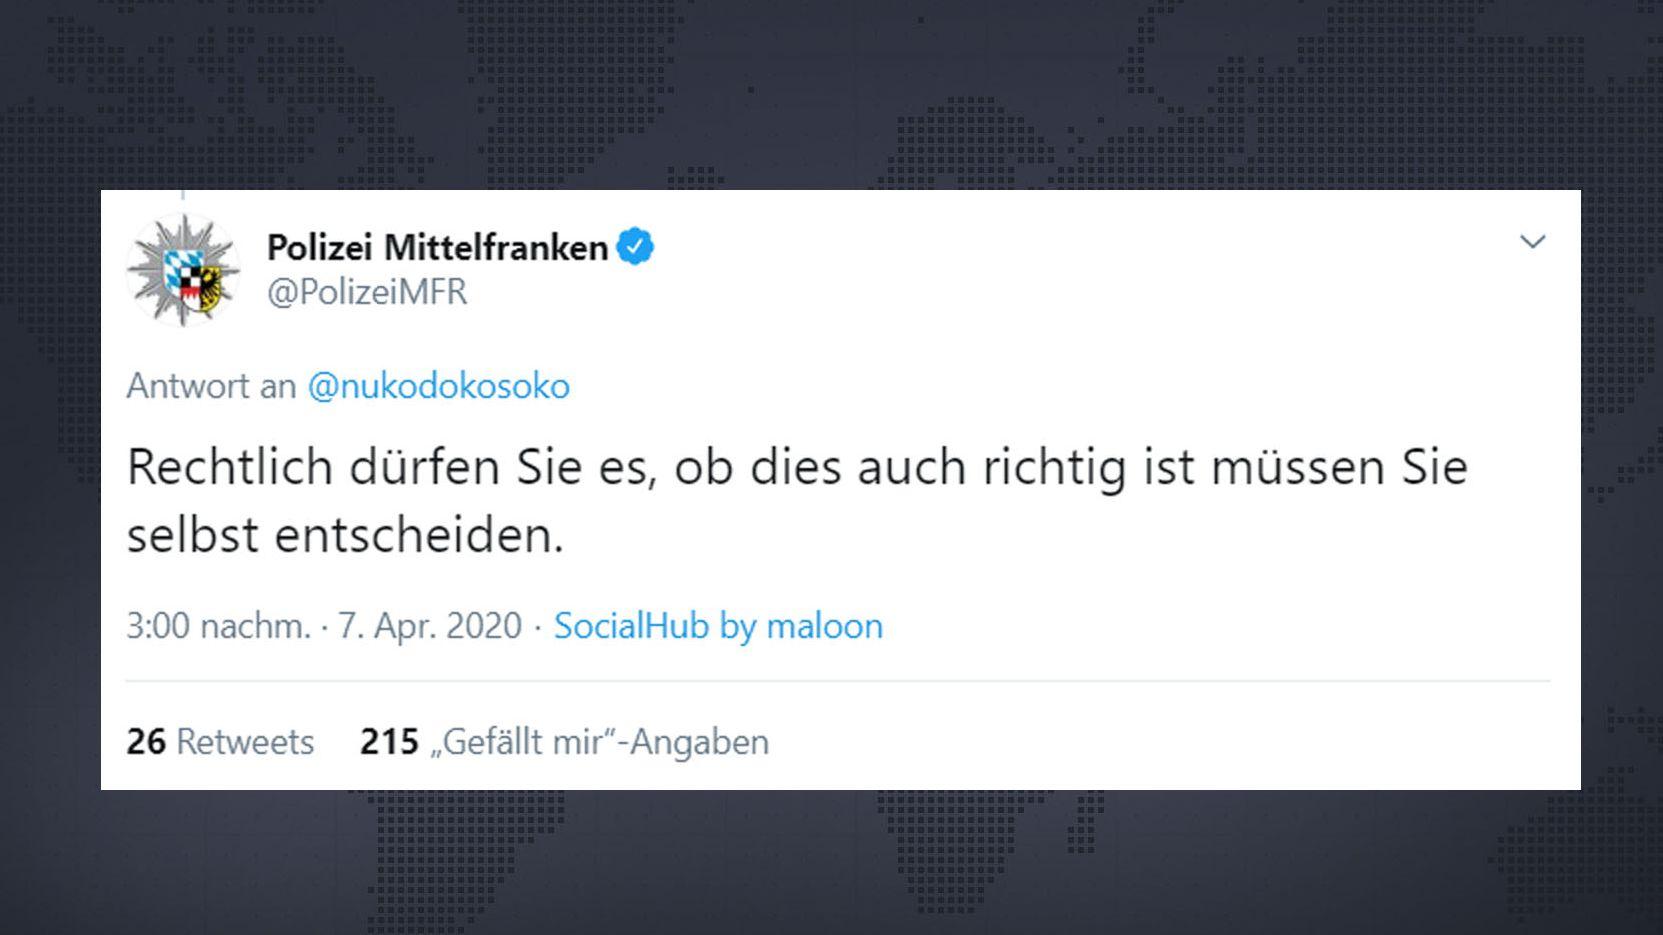 Tweet der Polizei Mittelfranken